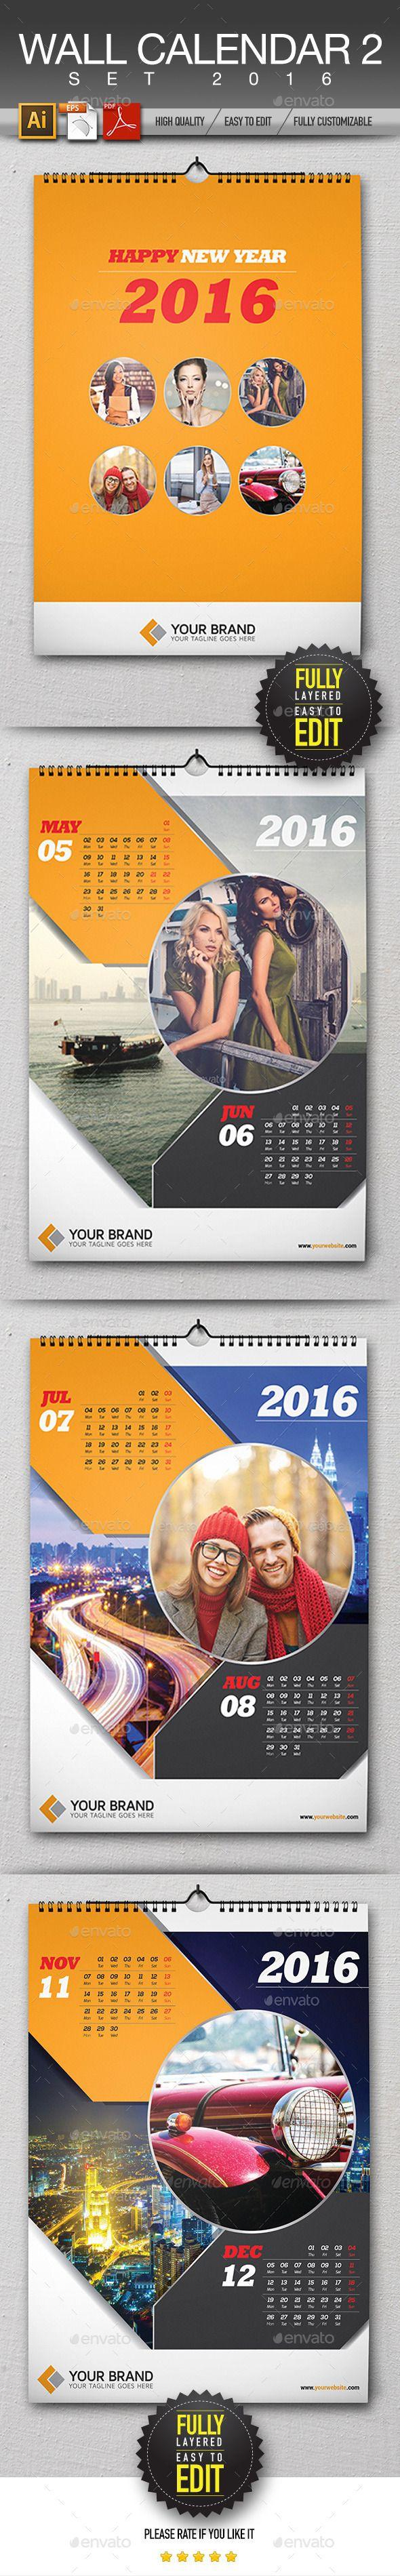 Wall Calendar 2016 Template #design Download: http://graphicriver.net/item/wall-calendar-2016/13069845?ref=ksioks